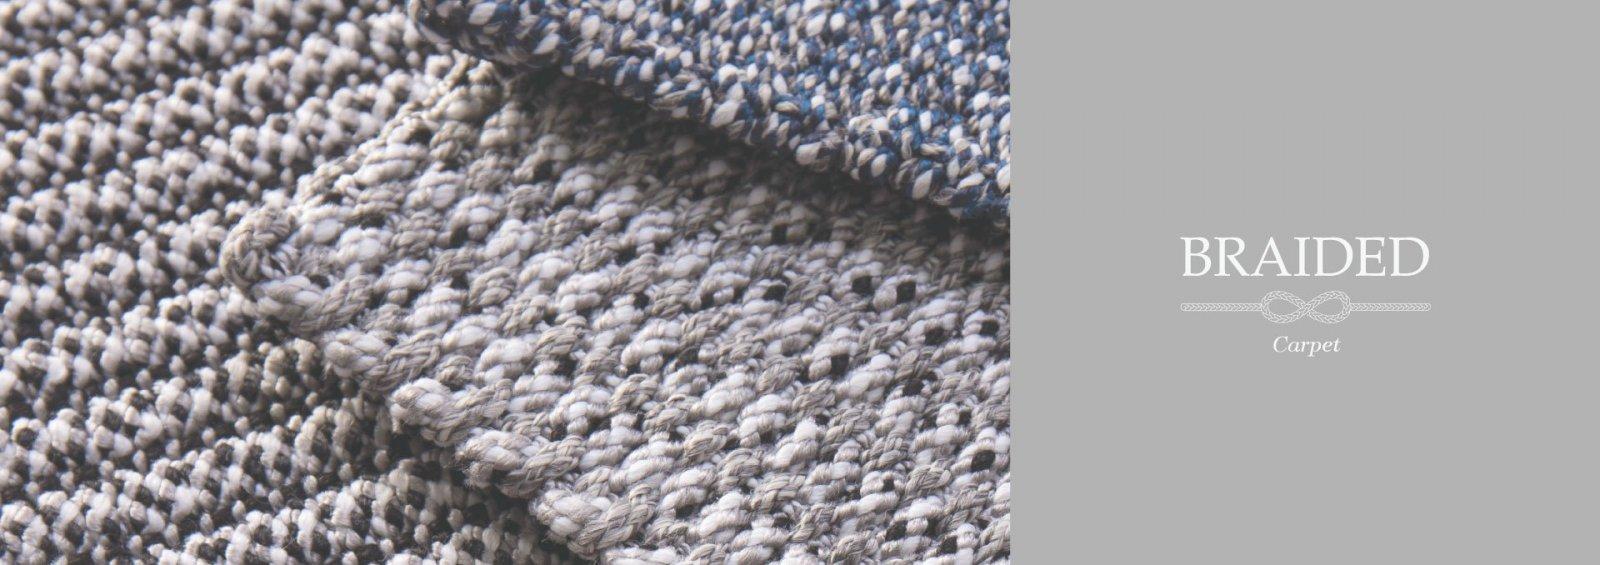 Braided Carpet